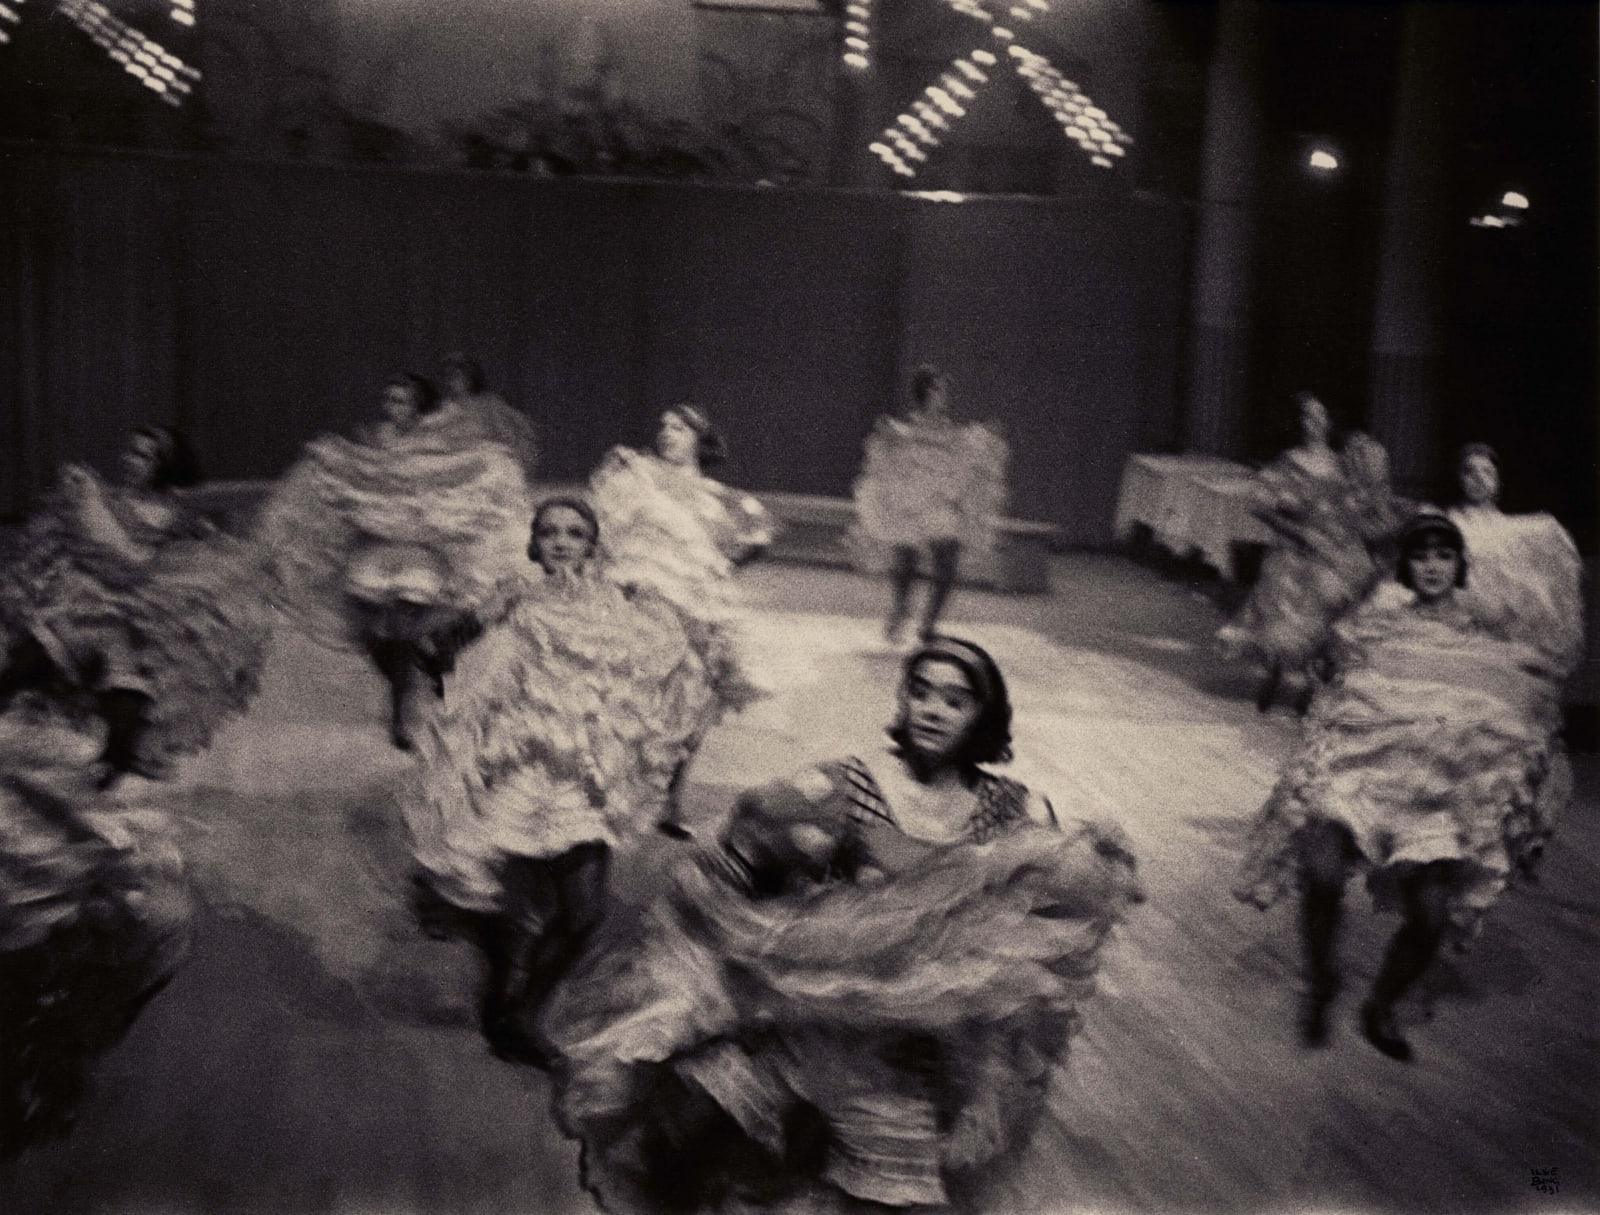 Ilse Bing, Cancan Dancers, Moulin-Rouge, Paris, 1931